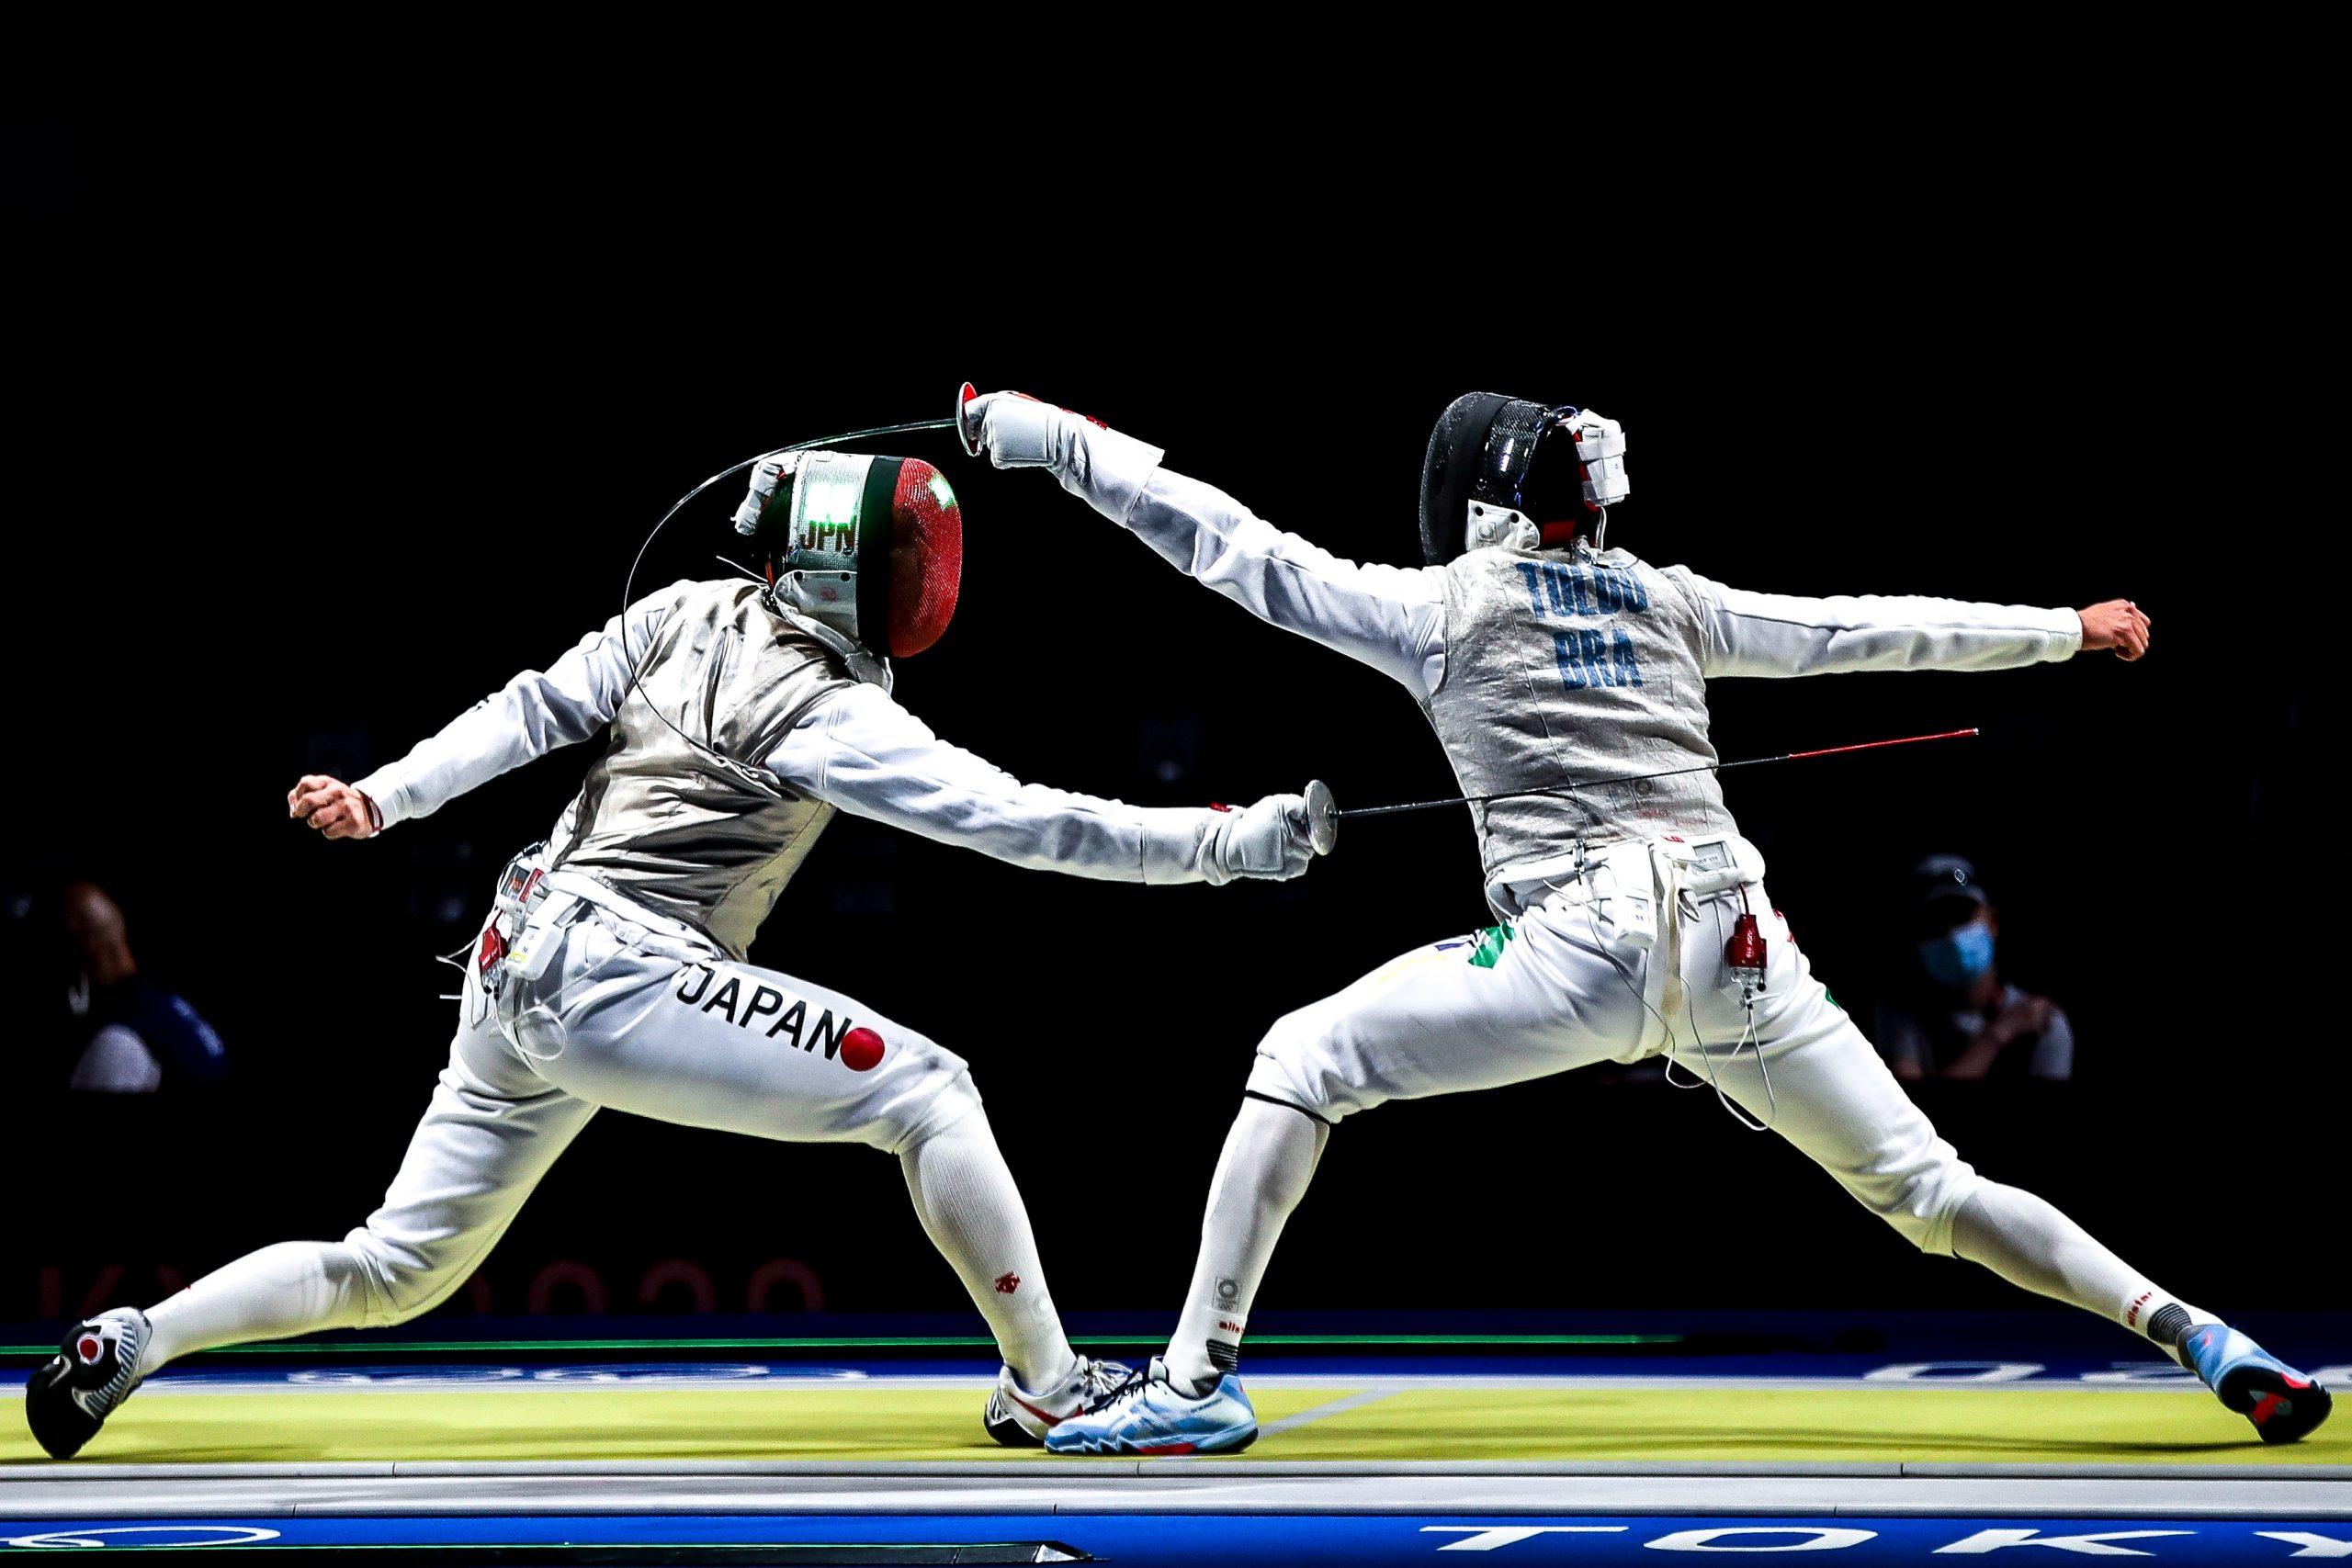 Guilherme Toldo é superado no quadro de 32 e se despede dos Jogos Olímpicos de Tóquio